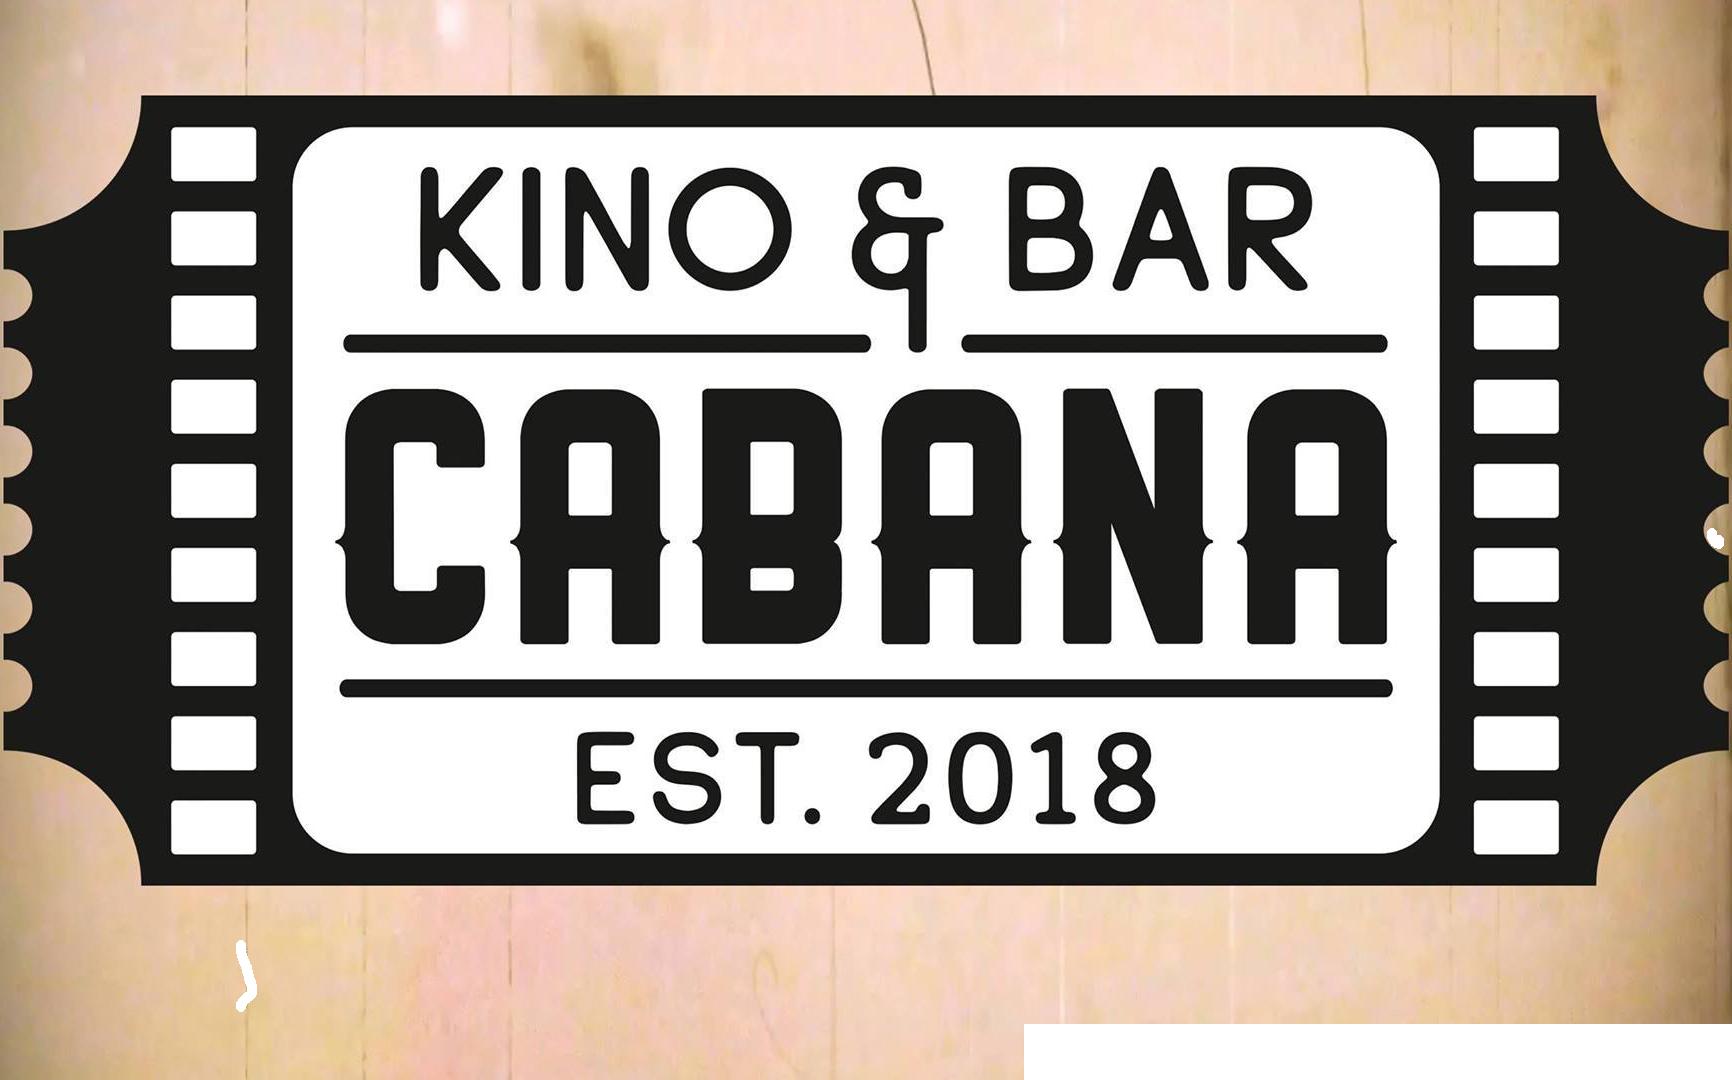 Kino Cabana